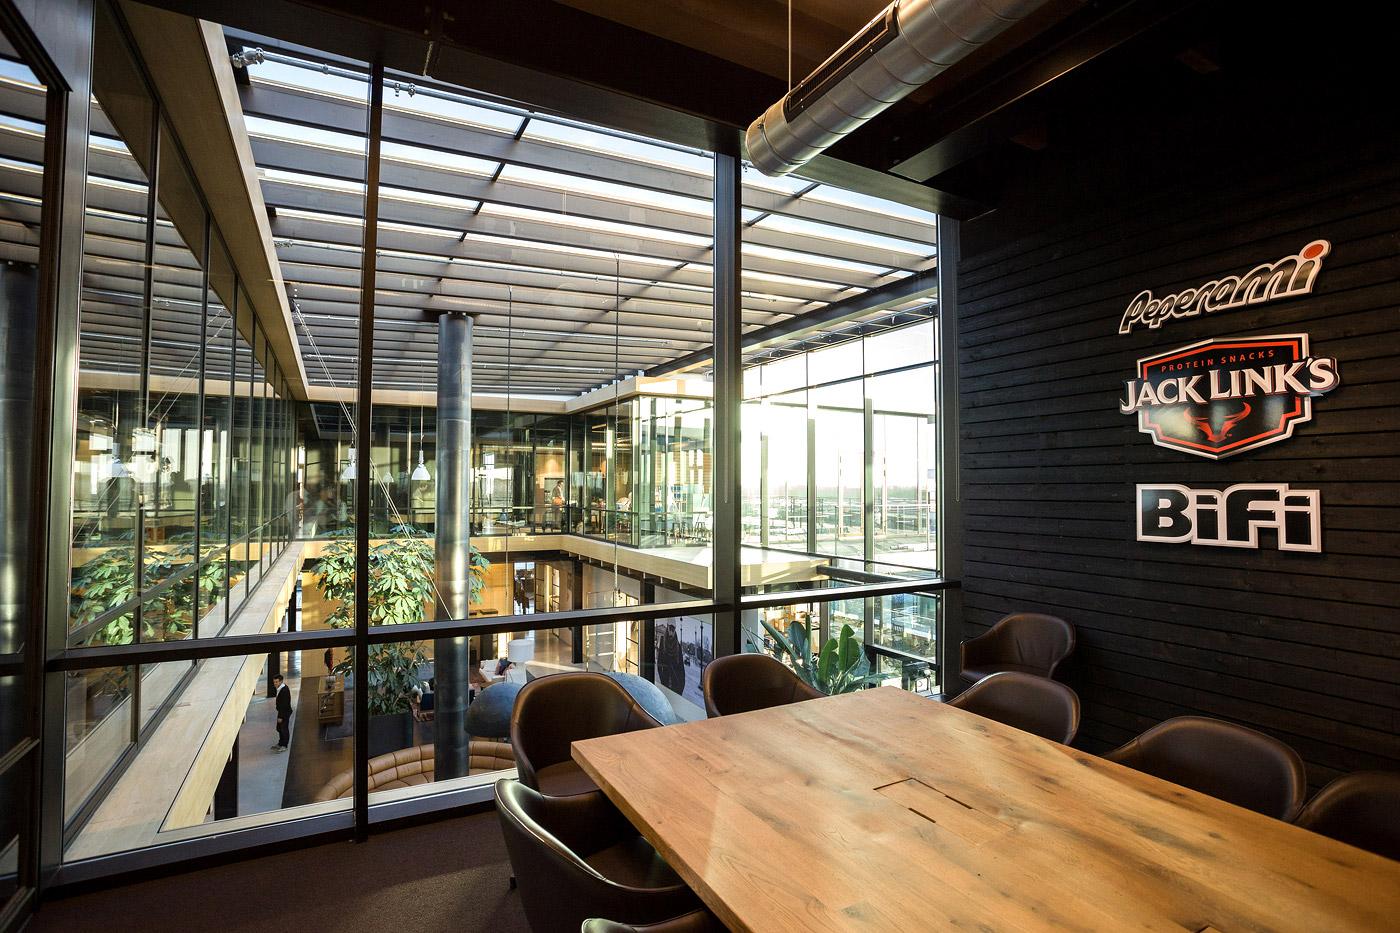 jacklinks-bifi-peperami-amsterdam-feest-receptie-hoofdkantoor-opening-Bob-Hersbach